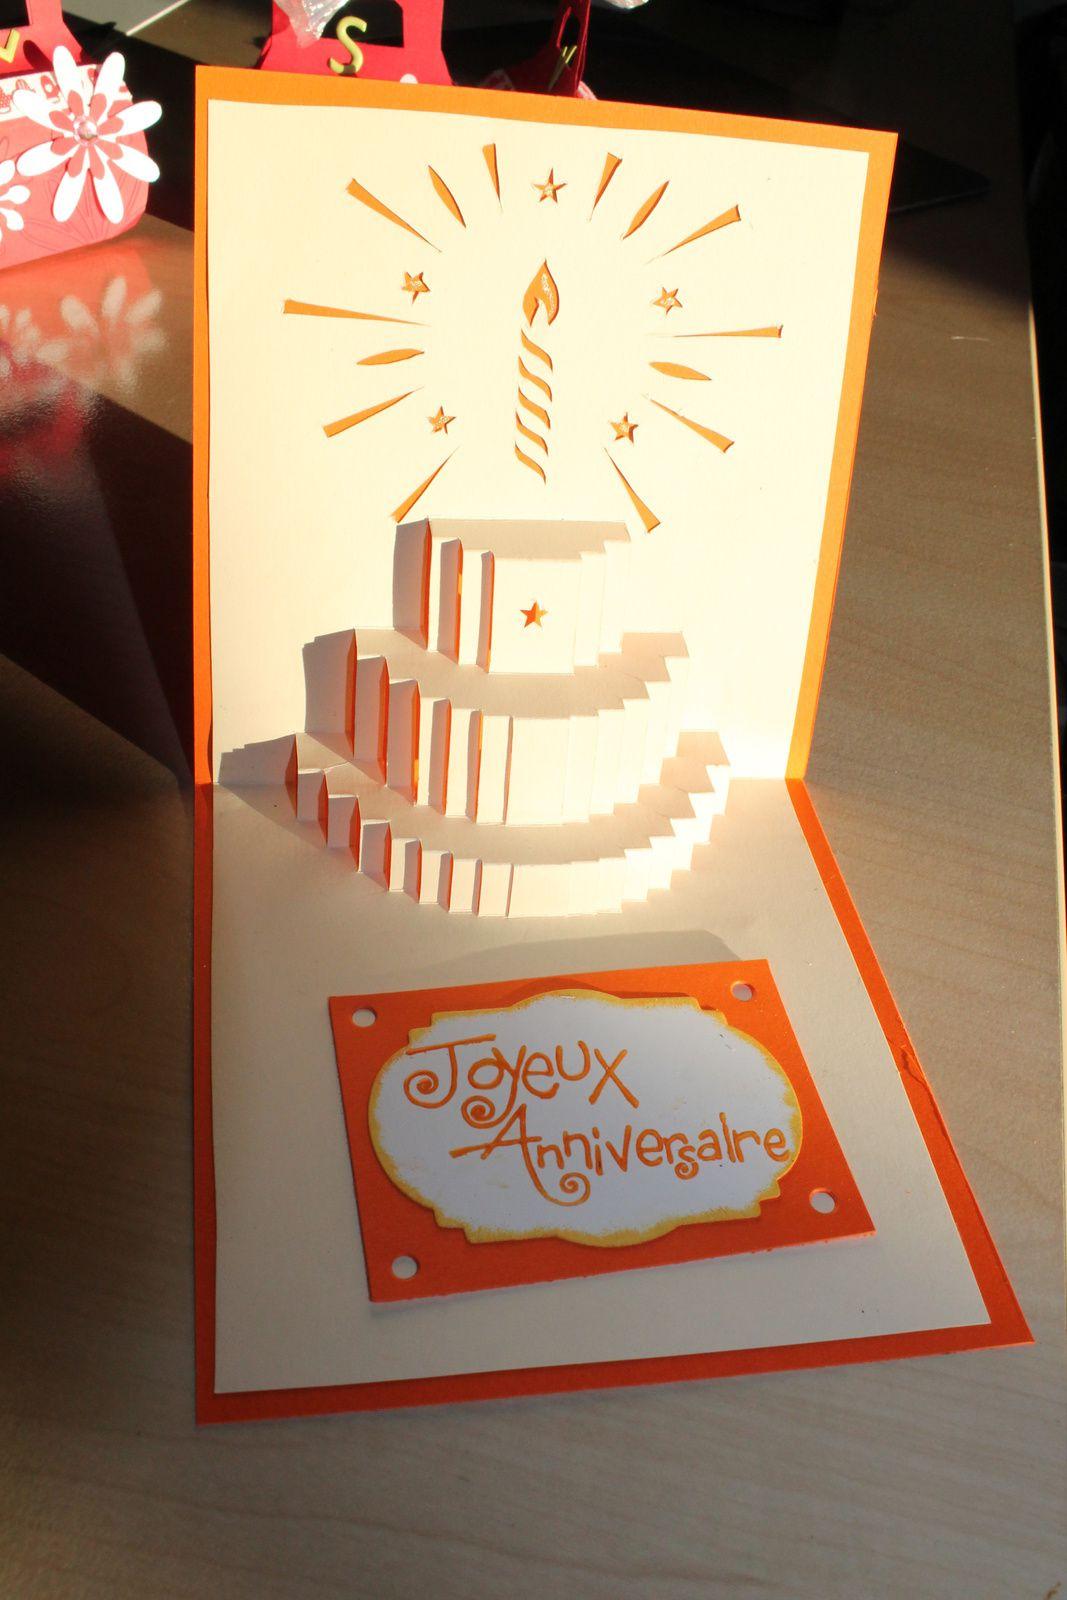 Voici une carte d'Anniversaire que j'ai réalisé pour l'anniversaire de ma belle fille Judith avec l'aide d'un bouquin de kirigami. C'est un peu long, et difficile au moment du pliage, mais je suis assez contente du résultat, même si je peux faire mieux. Je vous souhaite à tous et toutes de BONNES FËTES de fin d'année. Je vous présente mes meilleurs voeux pour 2014, que cette année vous apporte la joie, le bonheur, l'amour et si possible un peu d'argent, mais surtout LA SANTE. Bizzzzzz